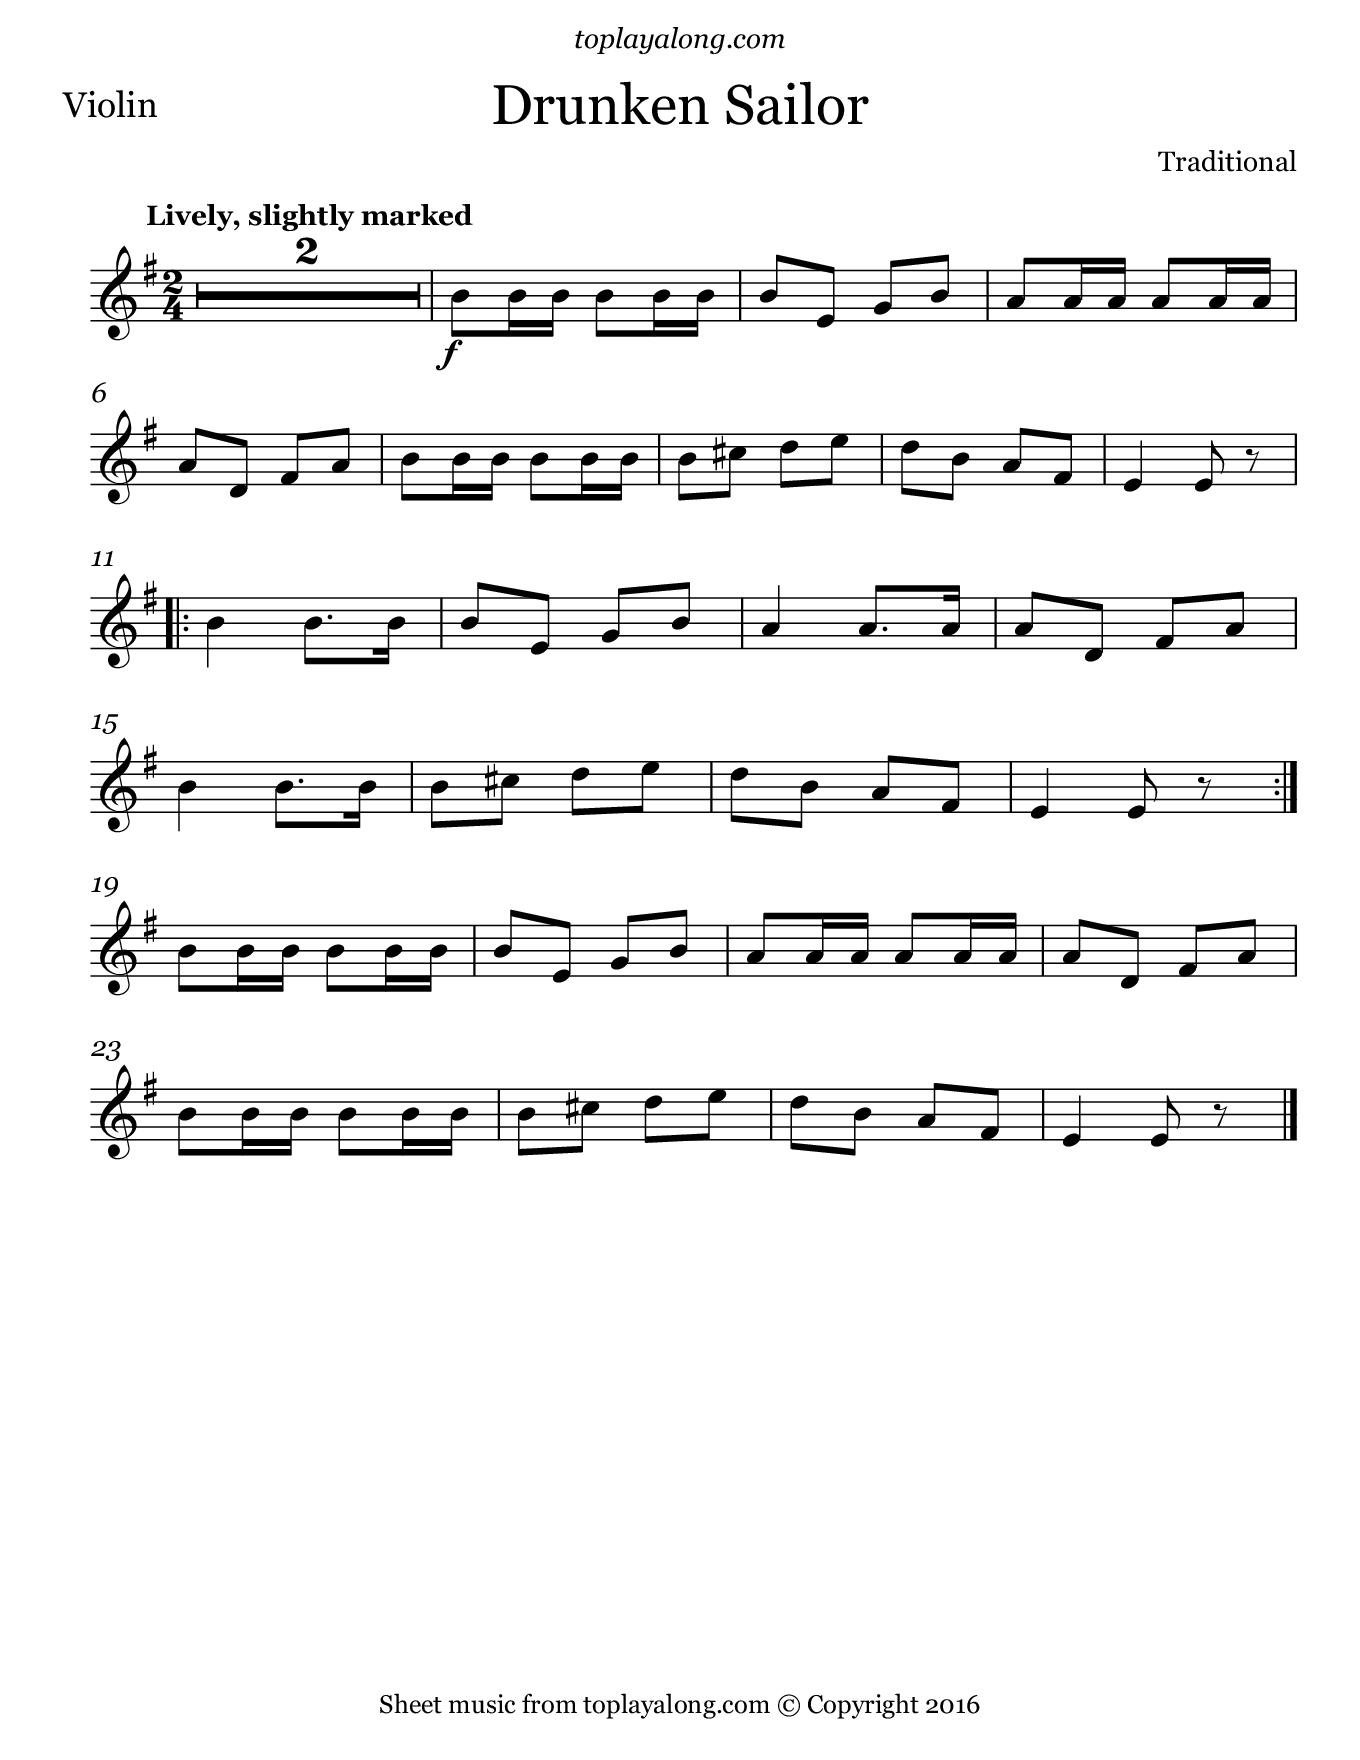 Drunken Sailor Free Sheet Music For Violin Visit